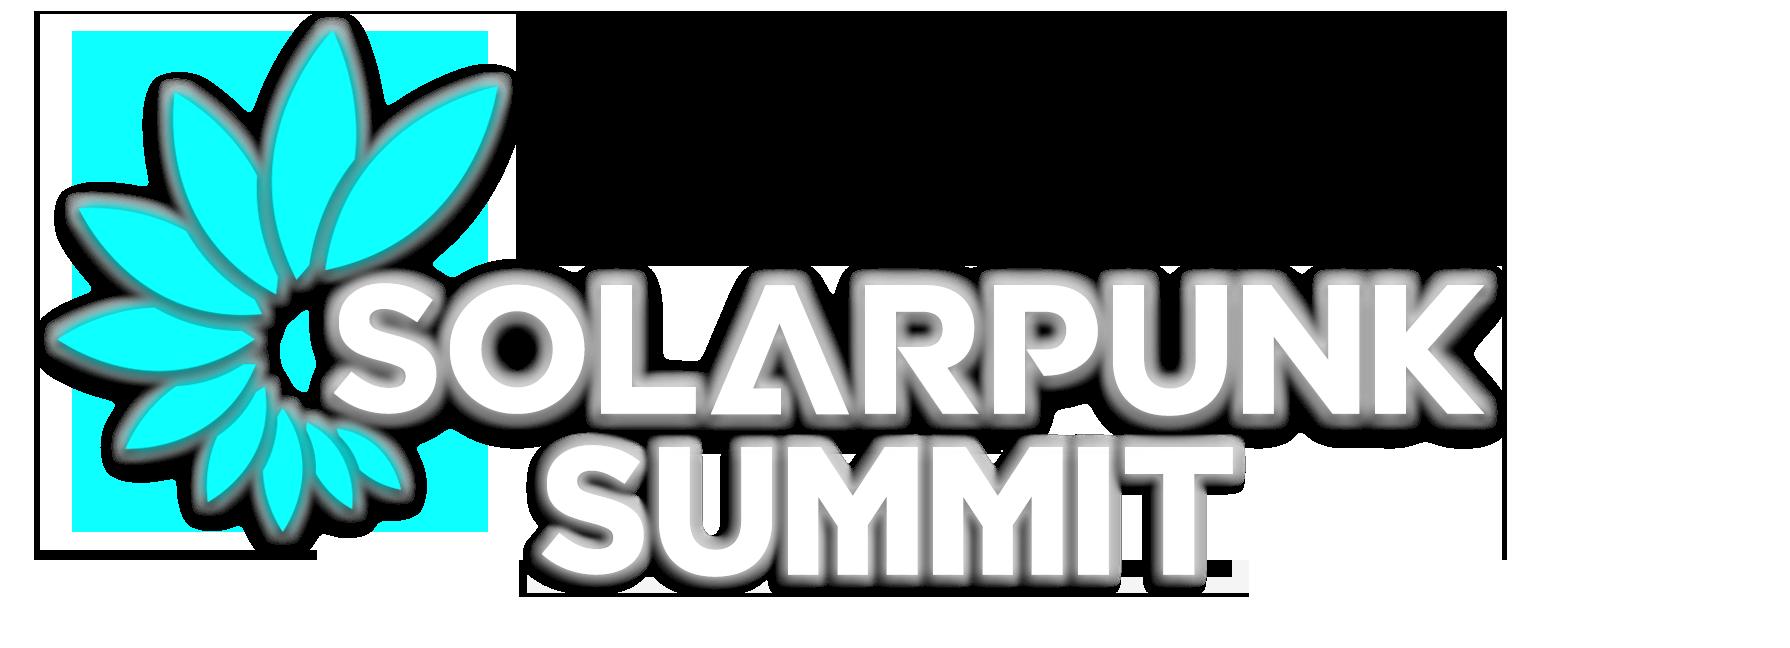 solarpunk summit logo new with glow